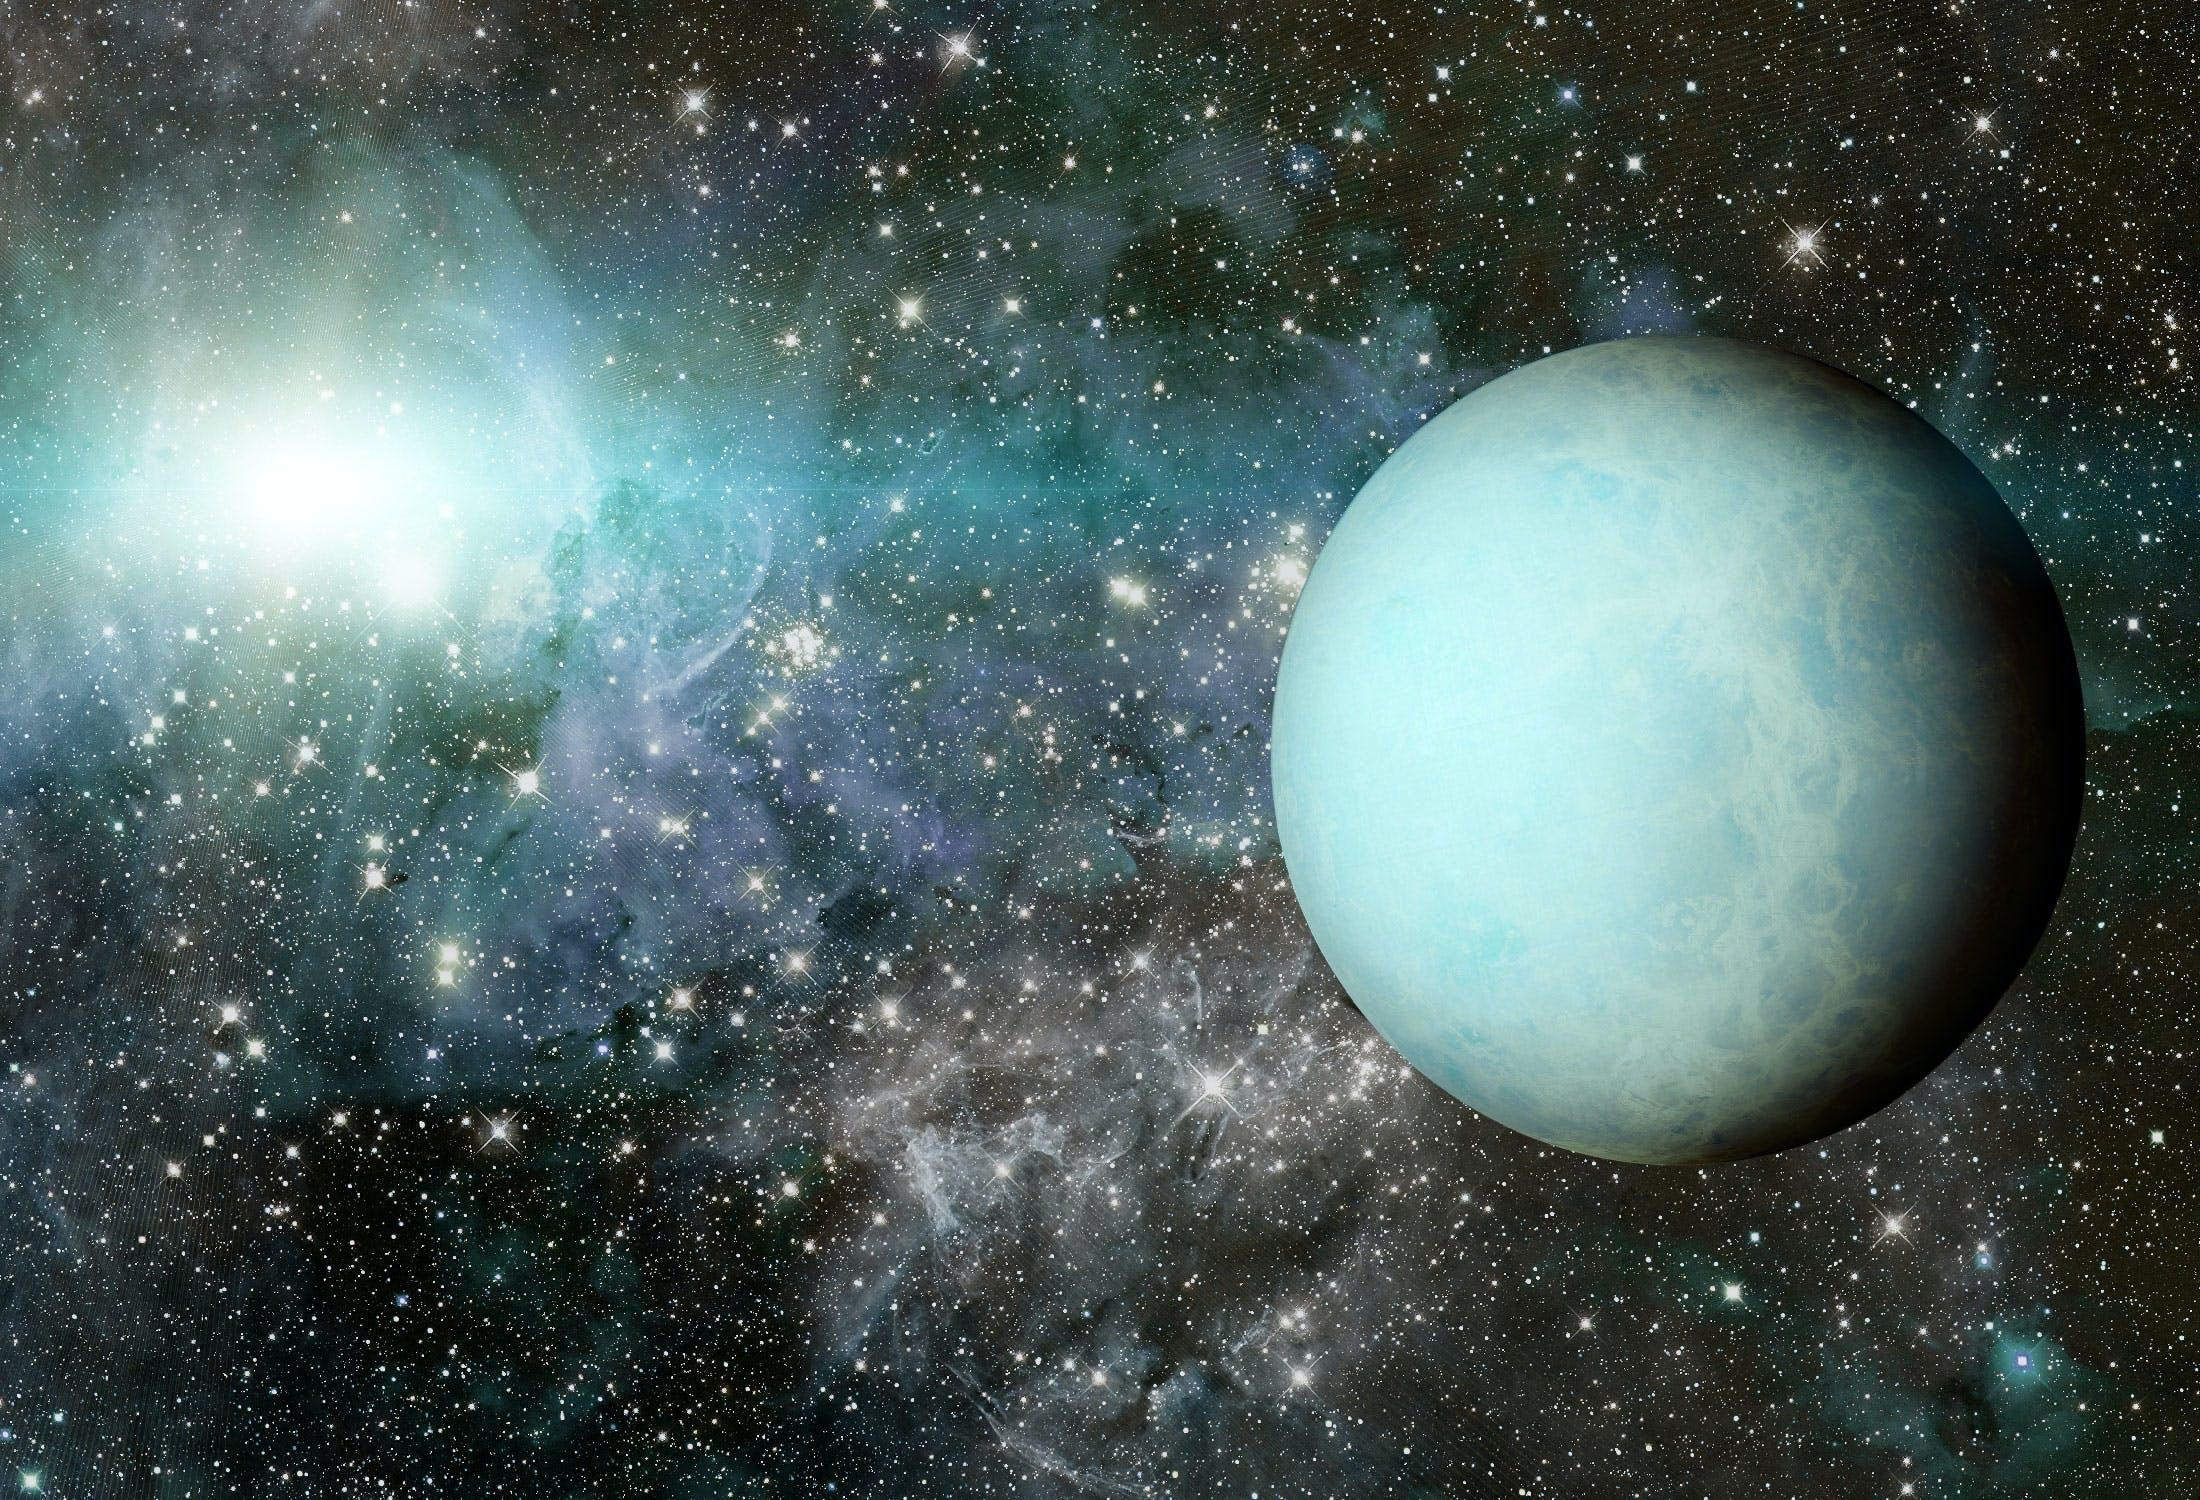 https://illvid.dk/universet/solsystemet/uranus-isgiganten